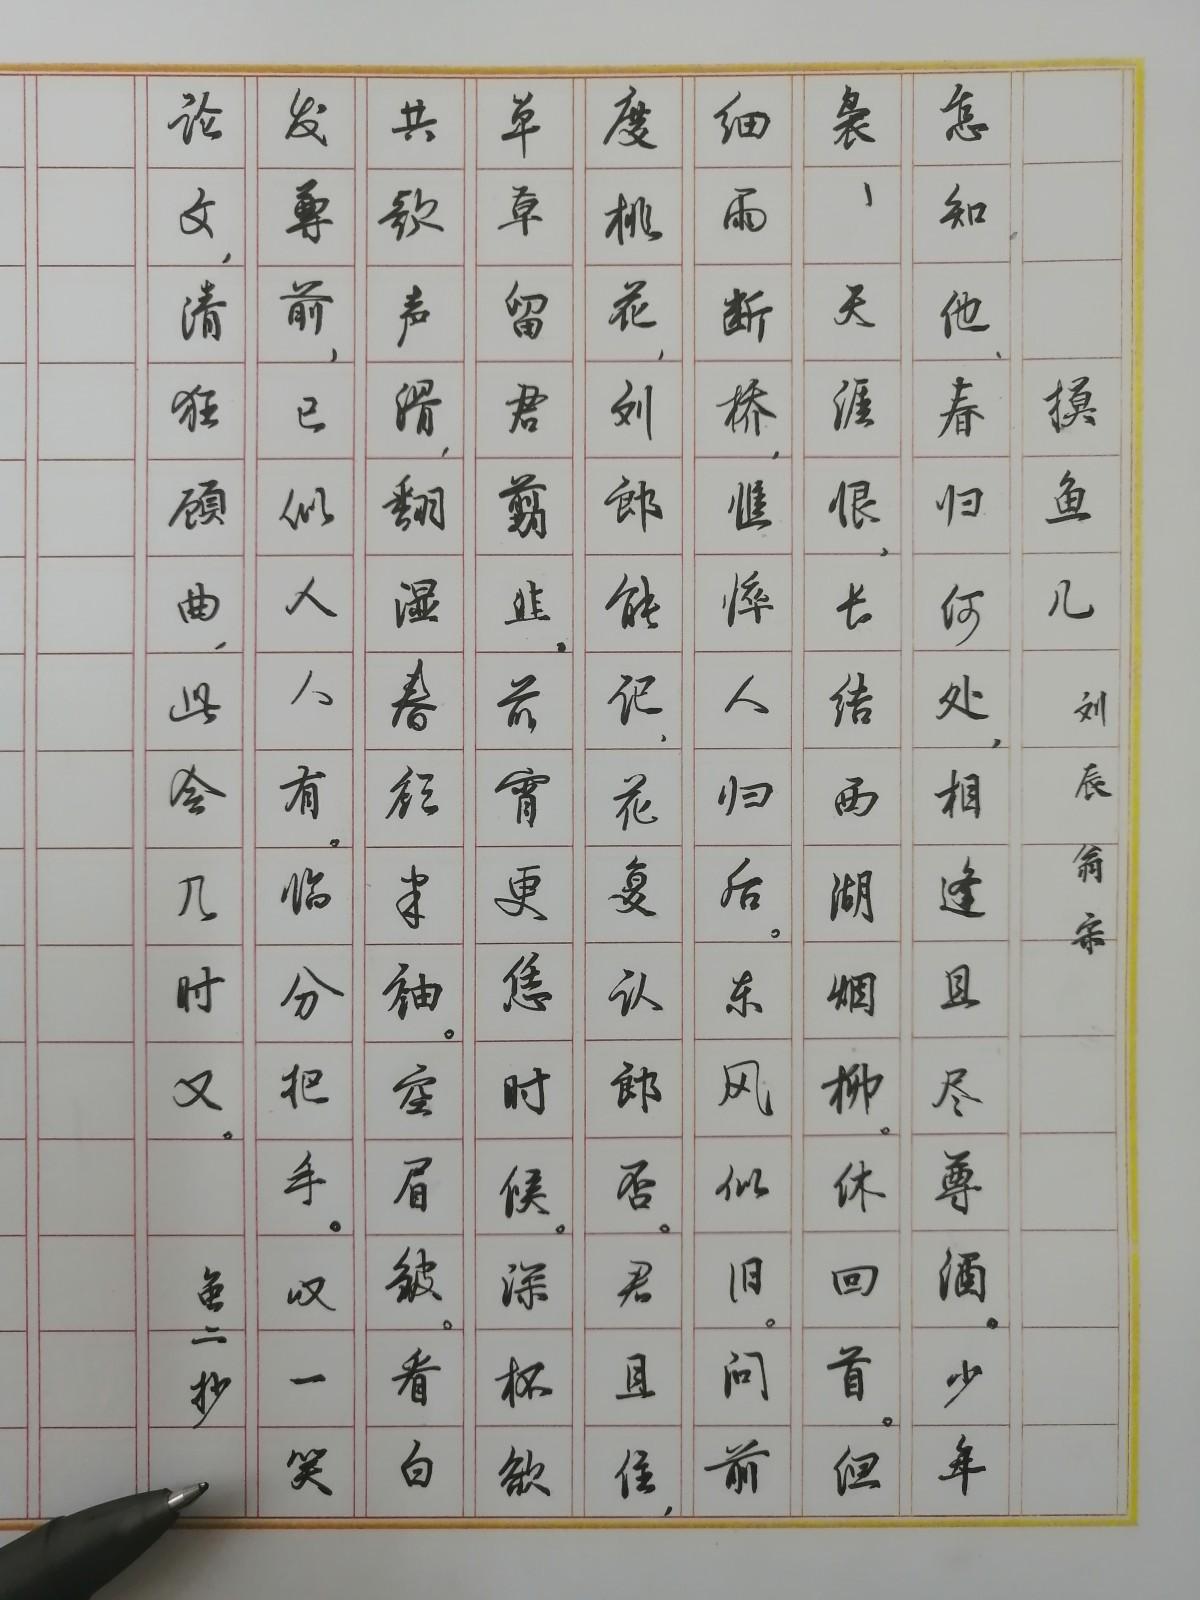 钢笔书法练字打卡20211012-23